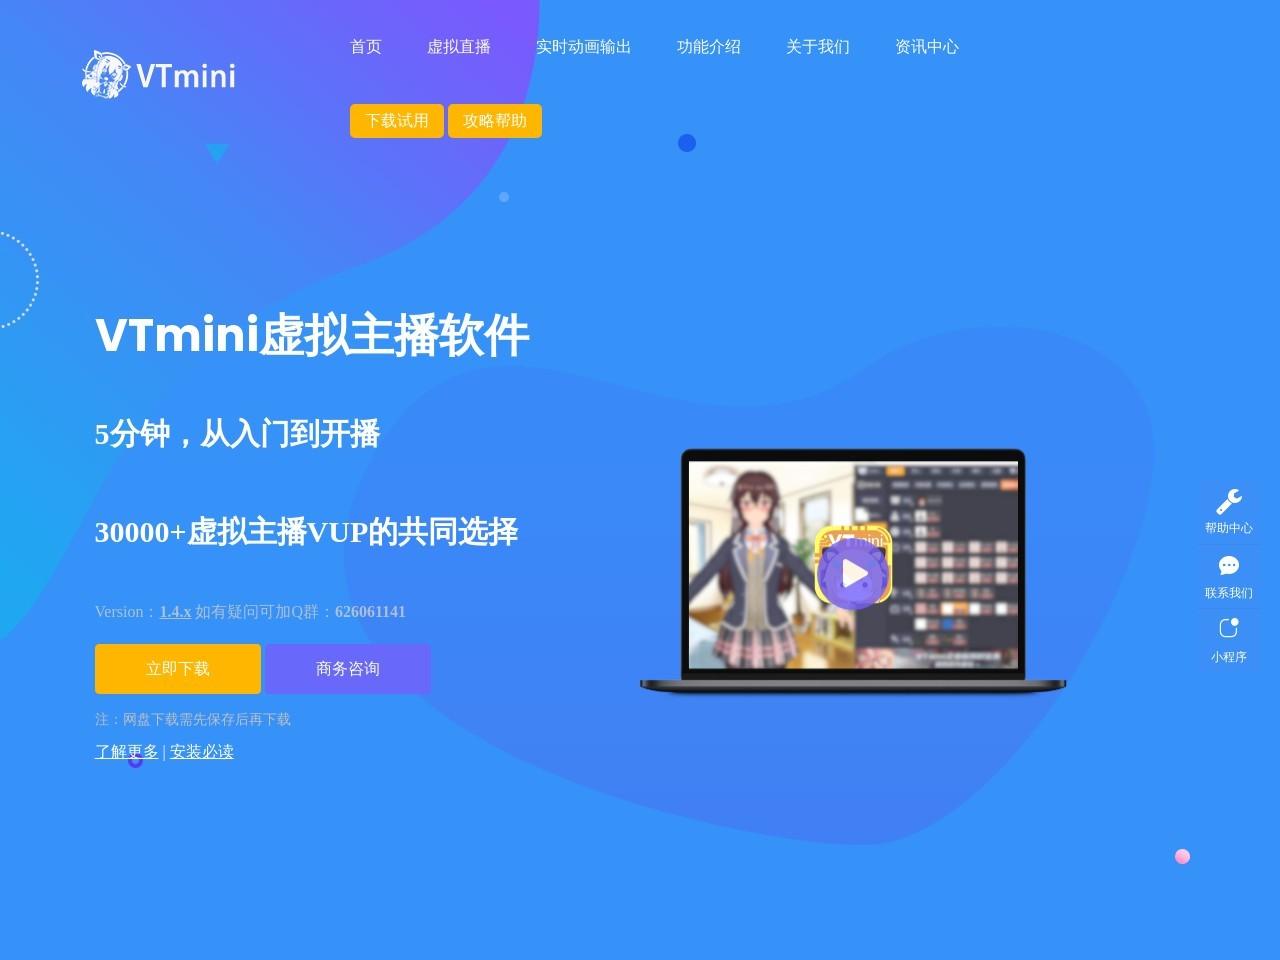 VTmini虚拟直播